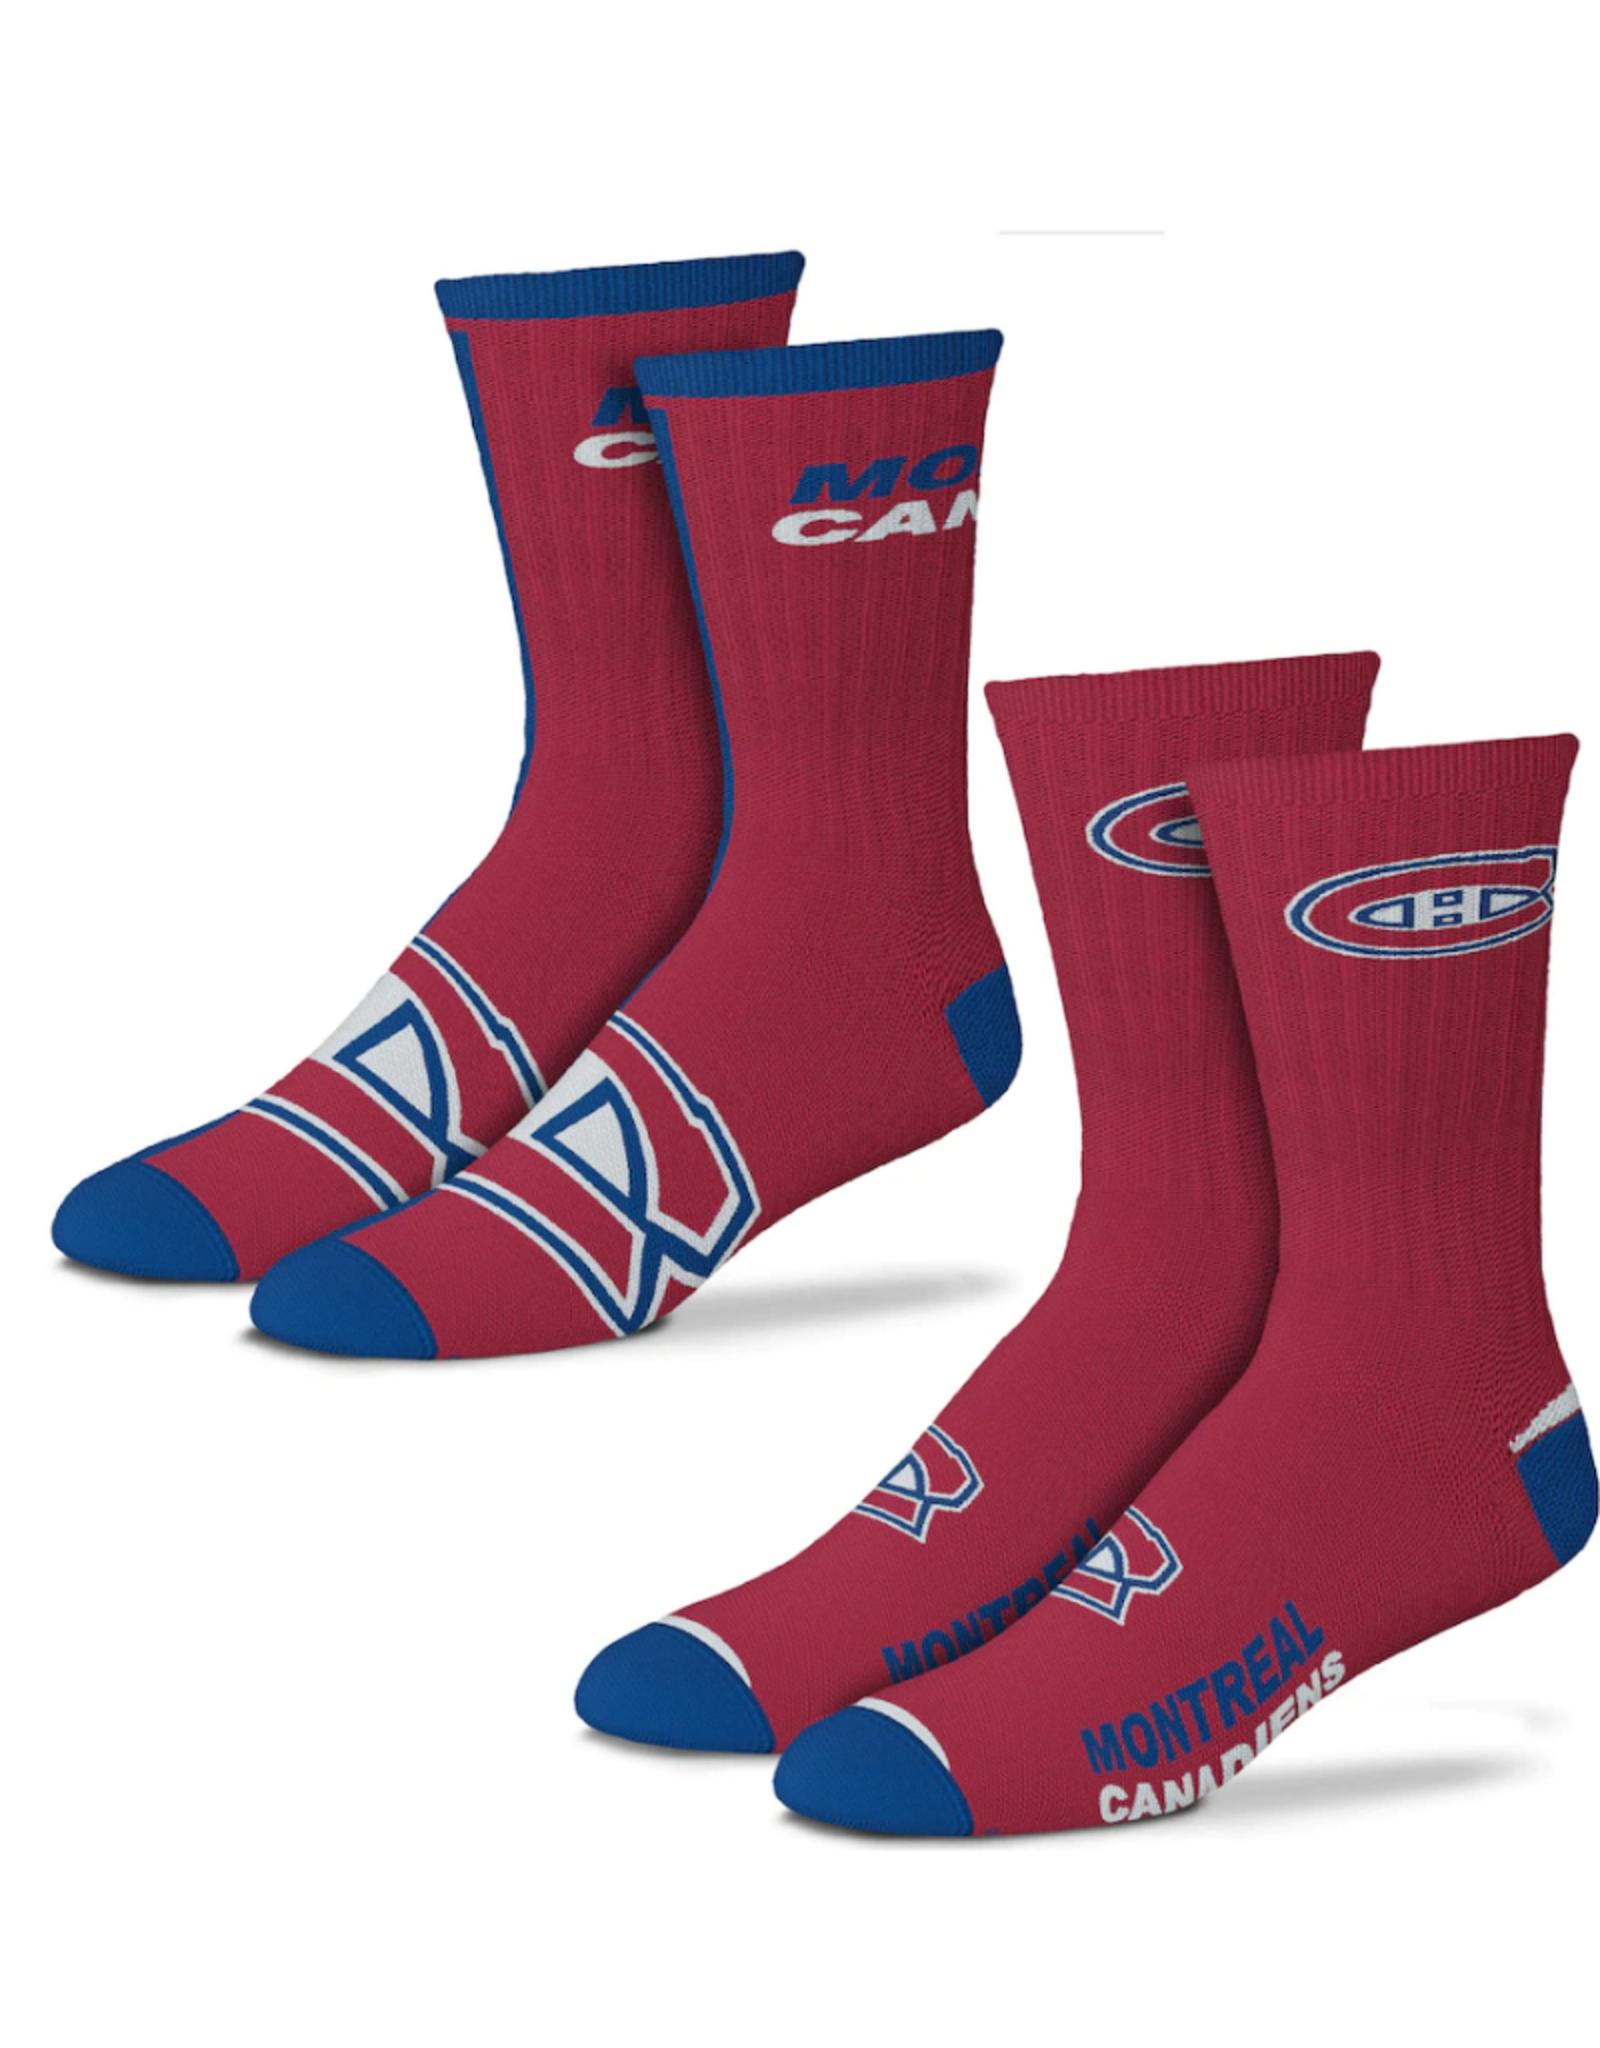 FBF Adult Socks 2 Pack Montreal Canadiens